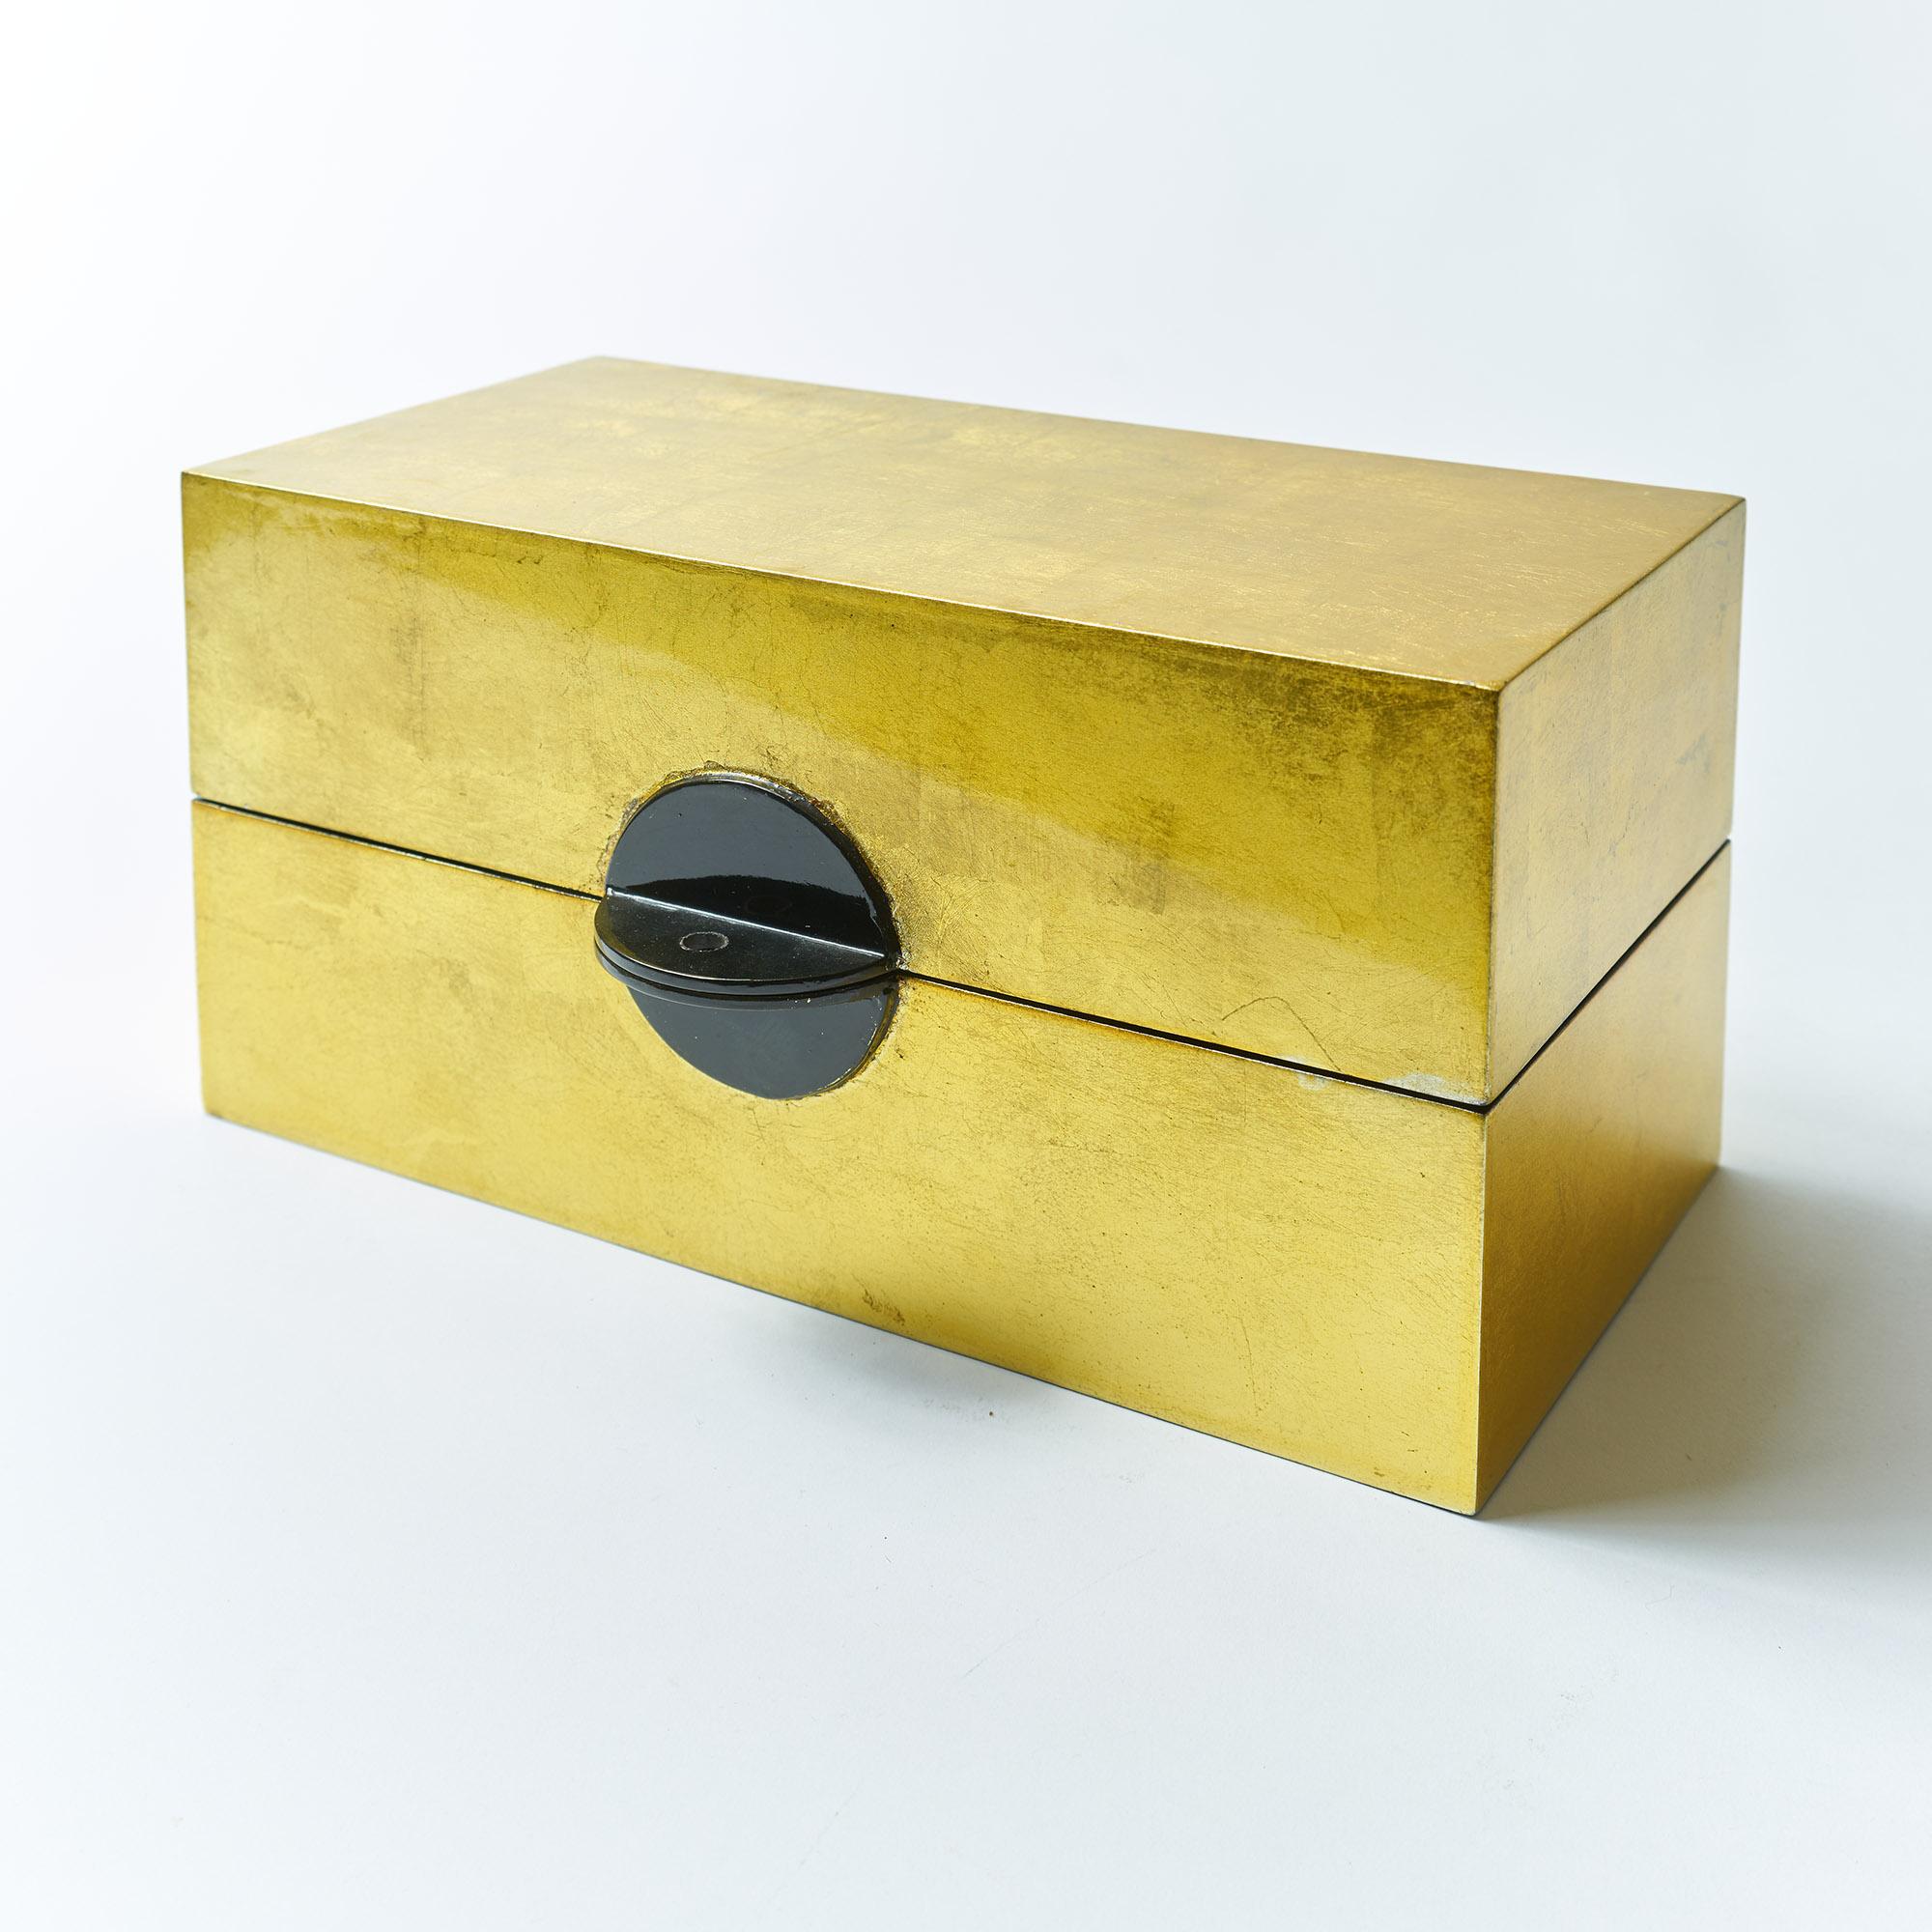 Caja laca rectangular dorada